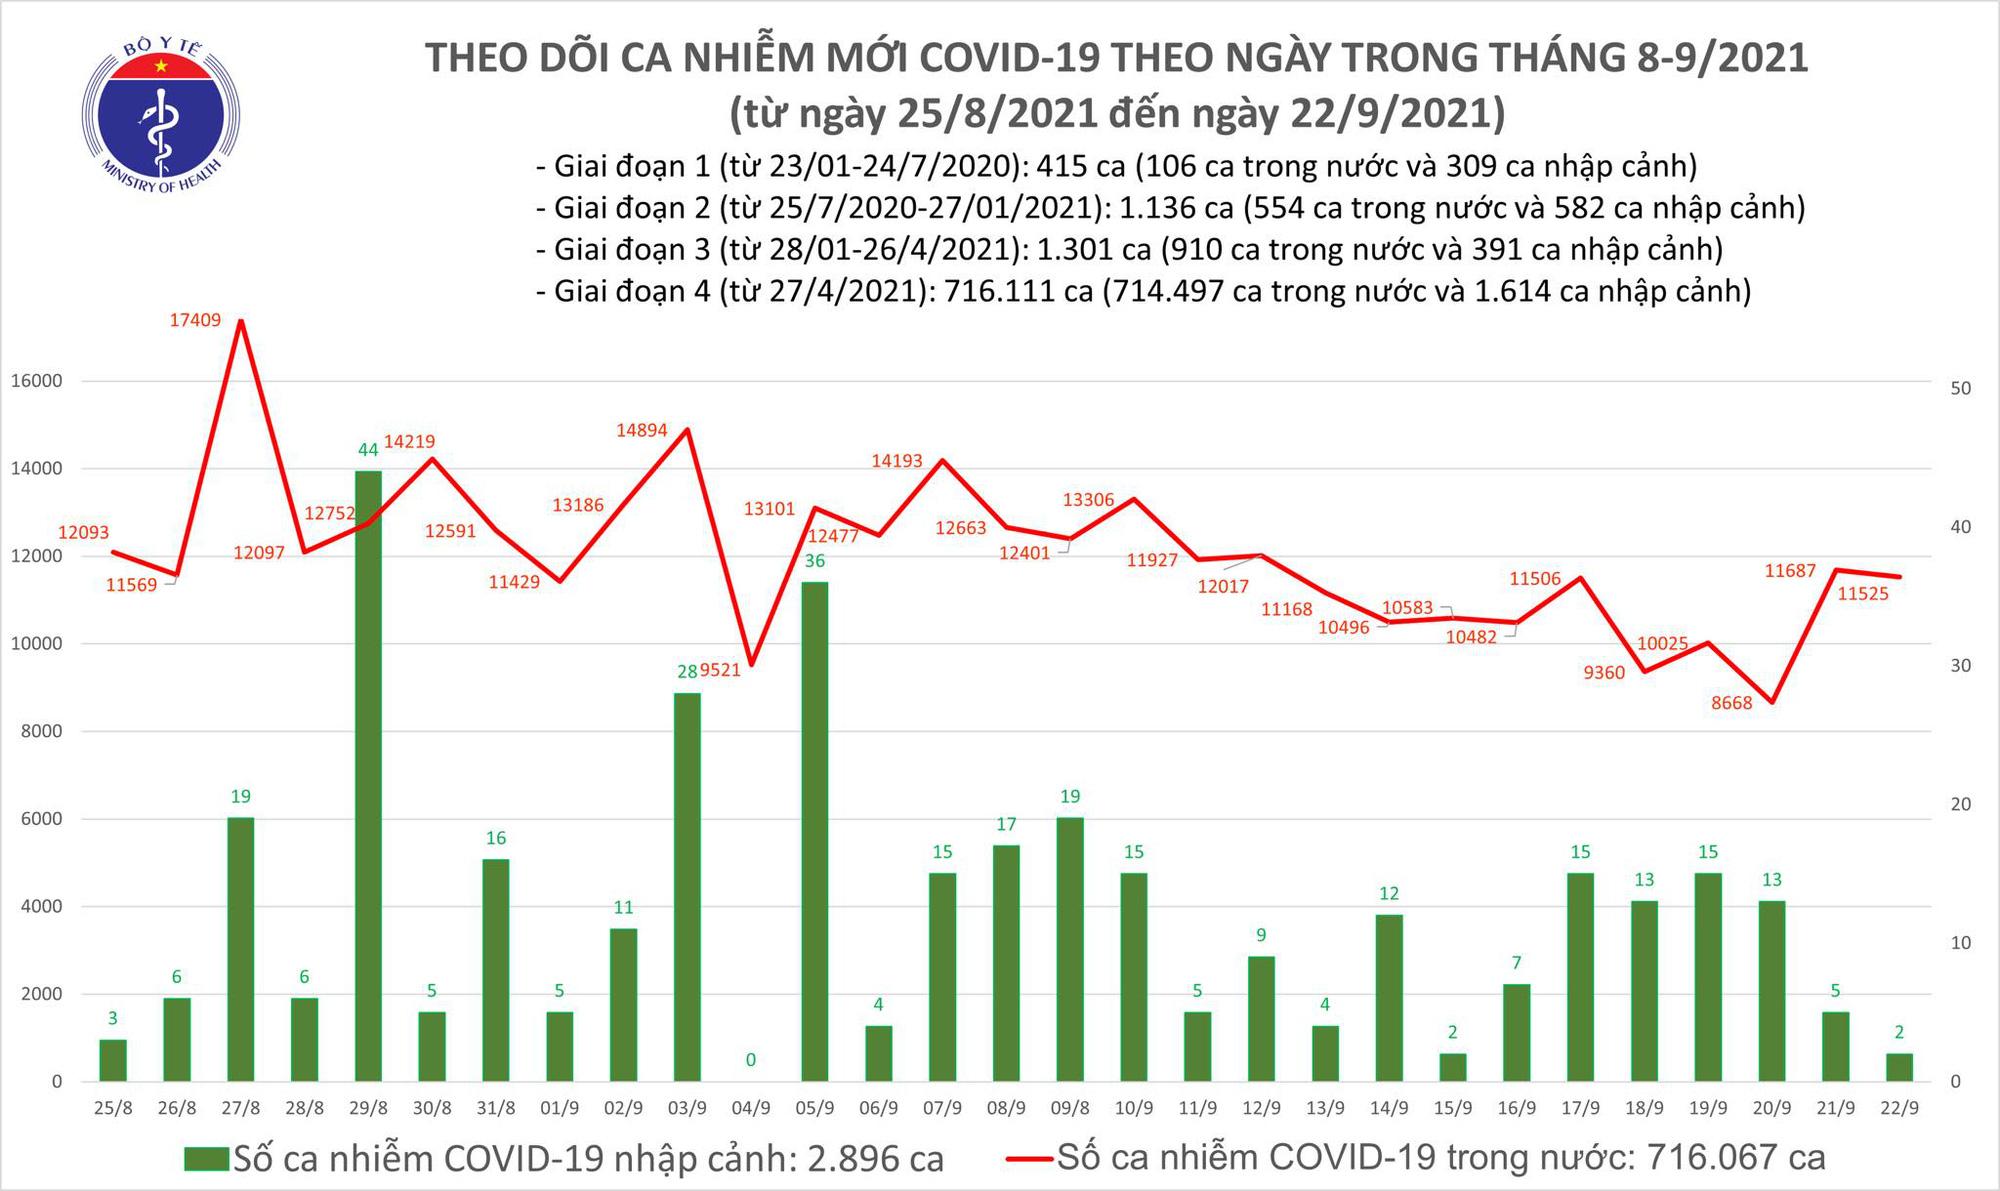 Ngày 22/9: Có 11.527 ca mắc COVID-19, riêng TP HCM và Bình Dương đã ghi nhận hơn 9.600 ca - Ảnh 2.